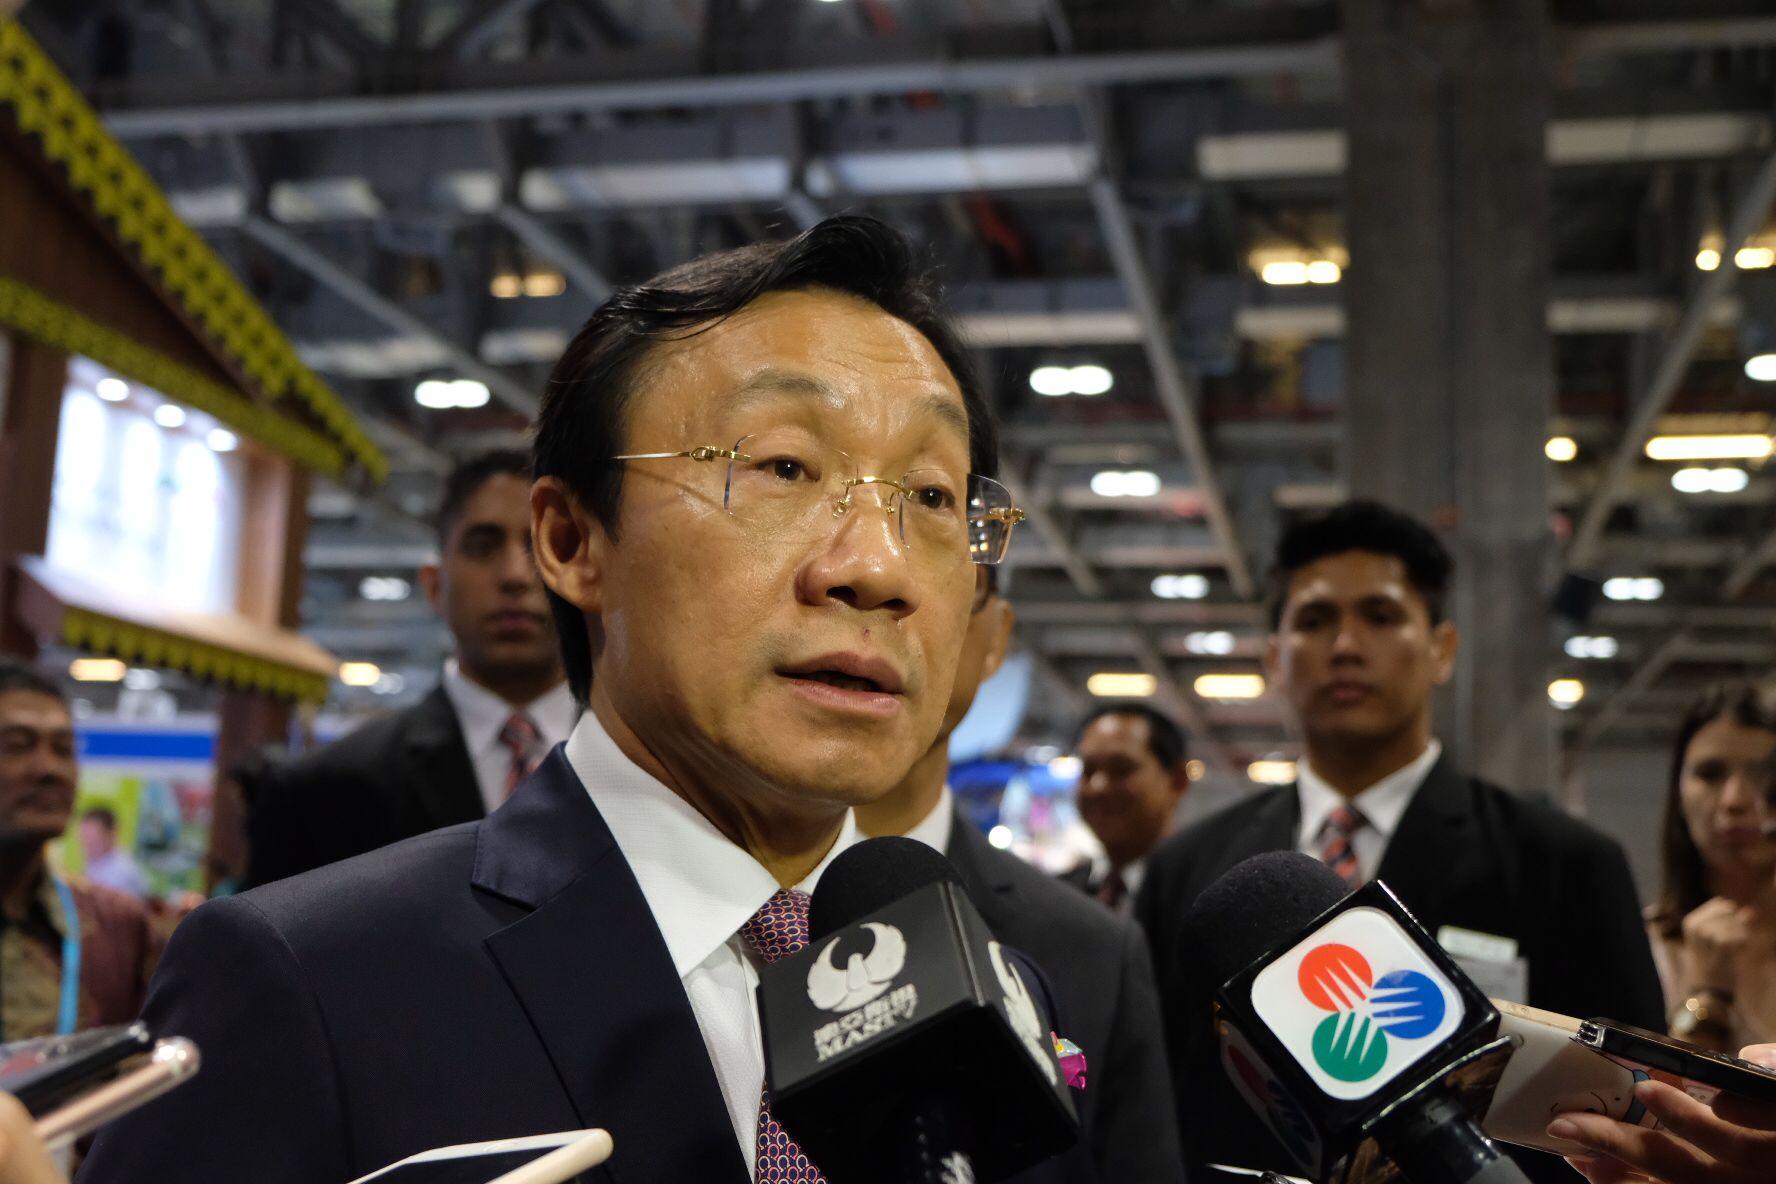 譚俊榮對事件表示遺憾